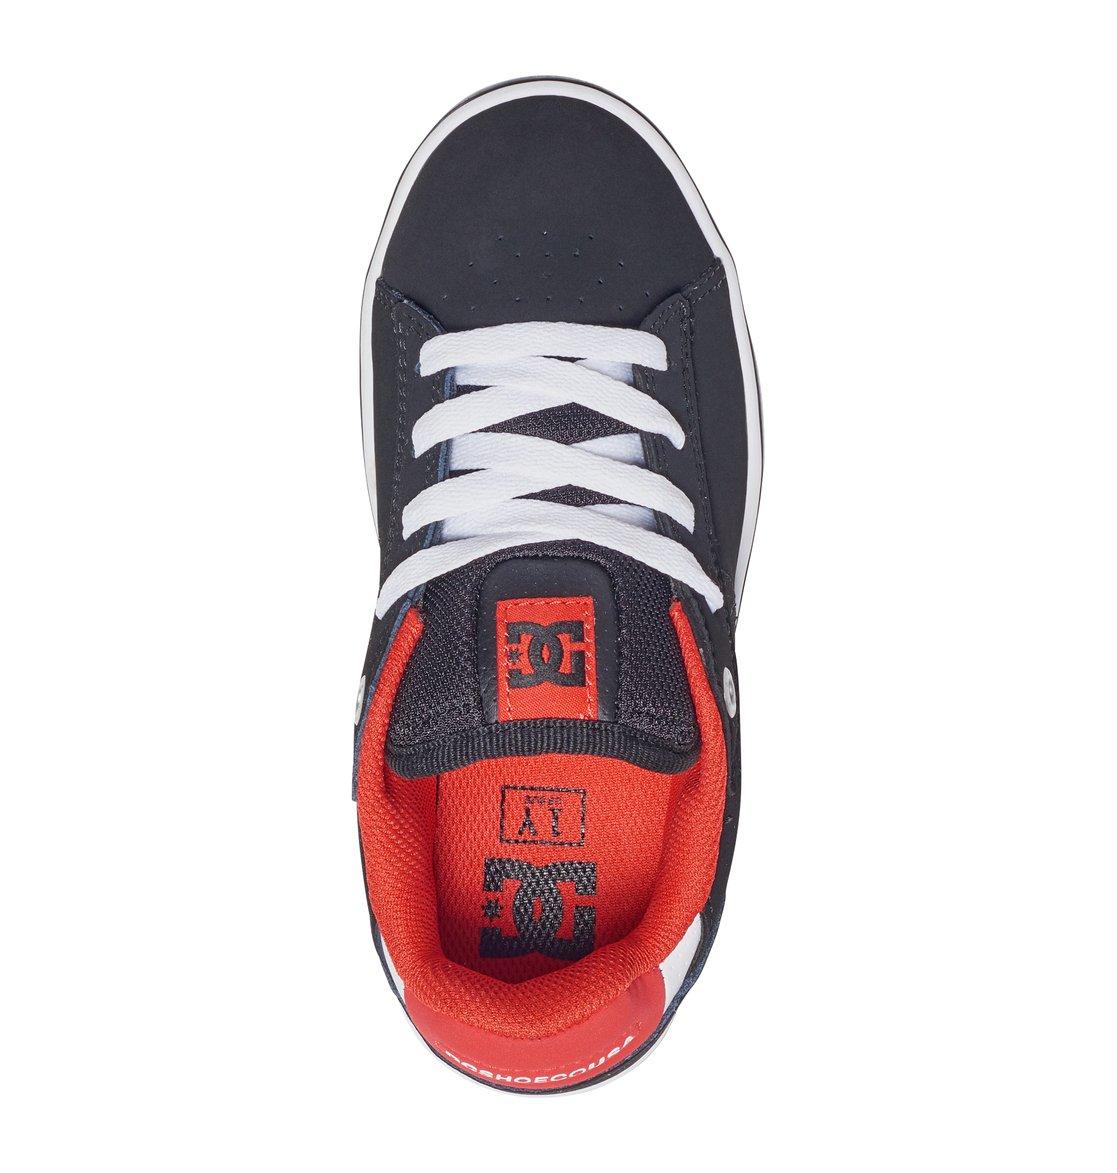 dc shoes notch